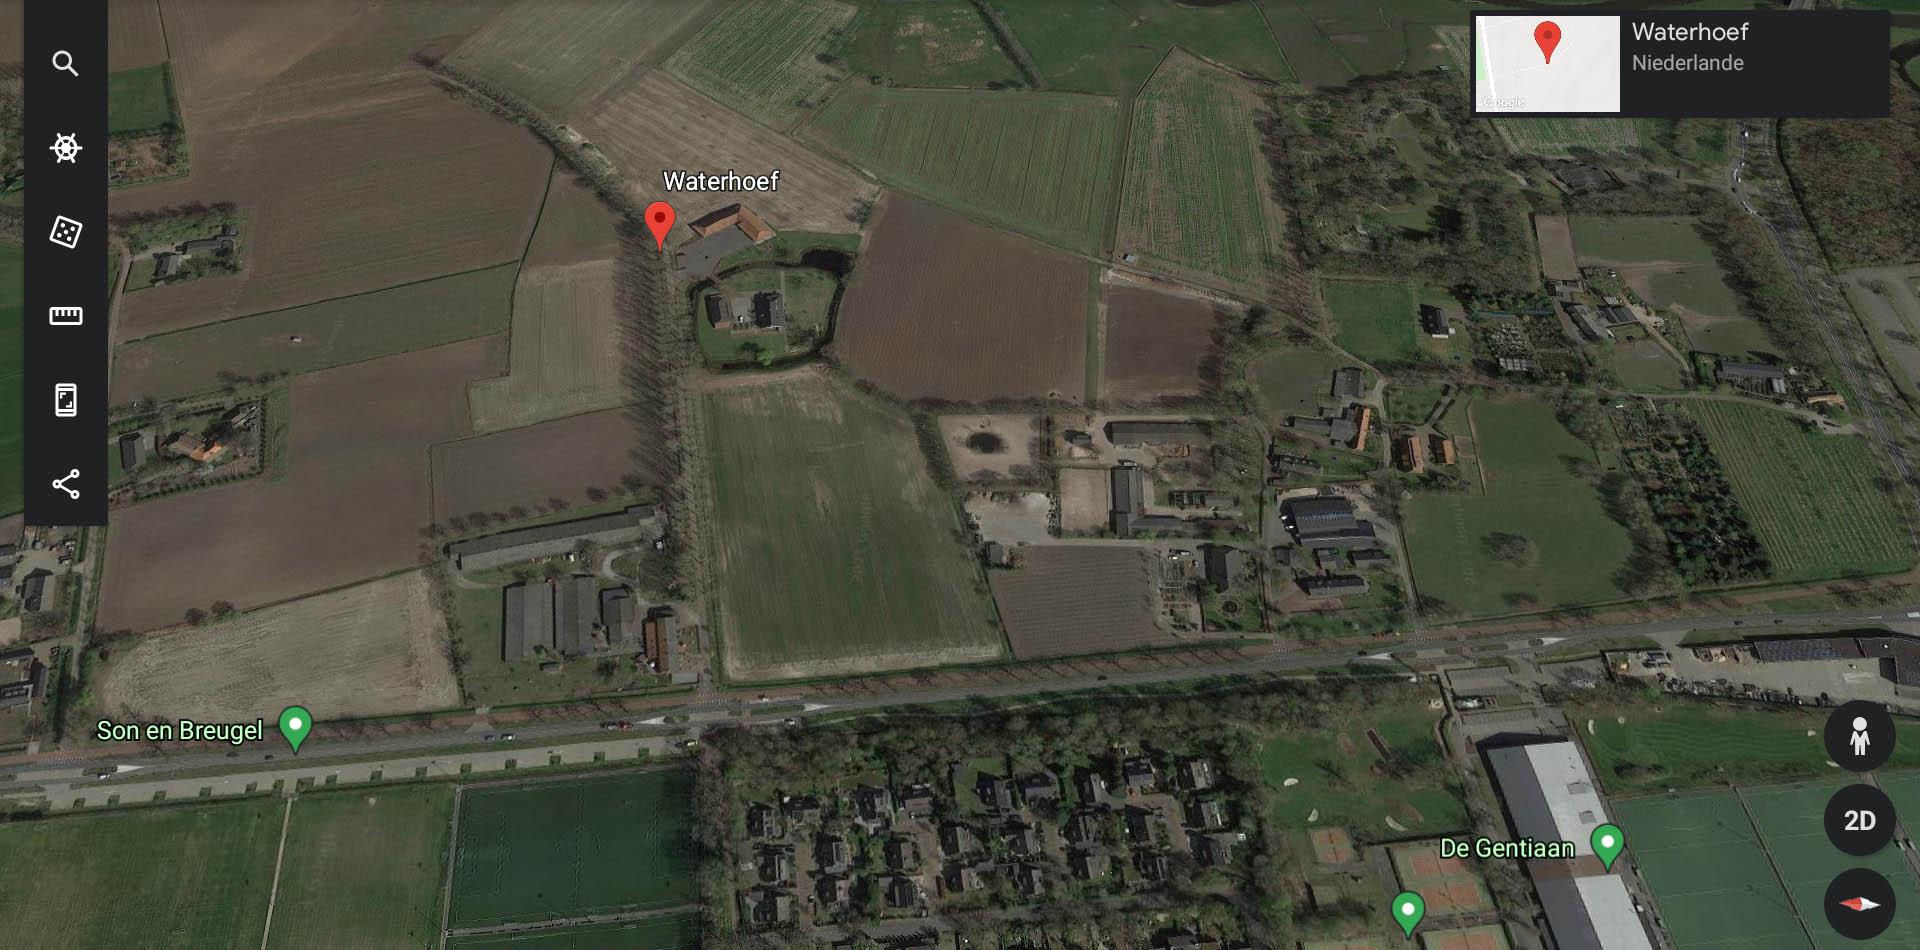 Ehemaliger Soldatenfriedhof der Operation Market Garden auf dem Gut Waterhoef in den Niederlanden